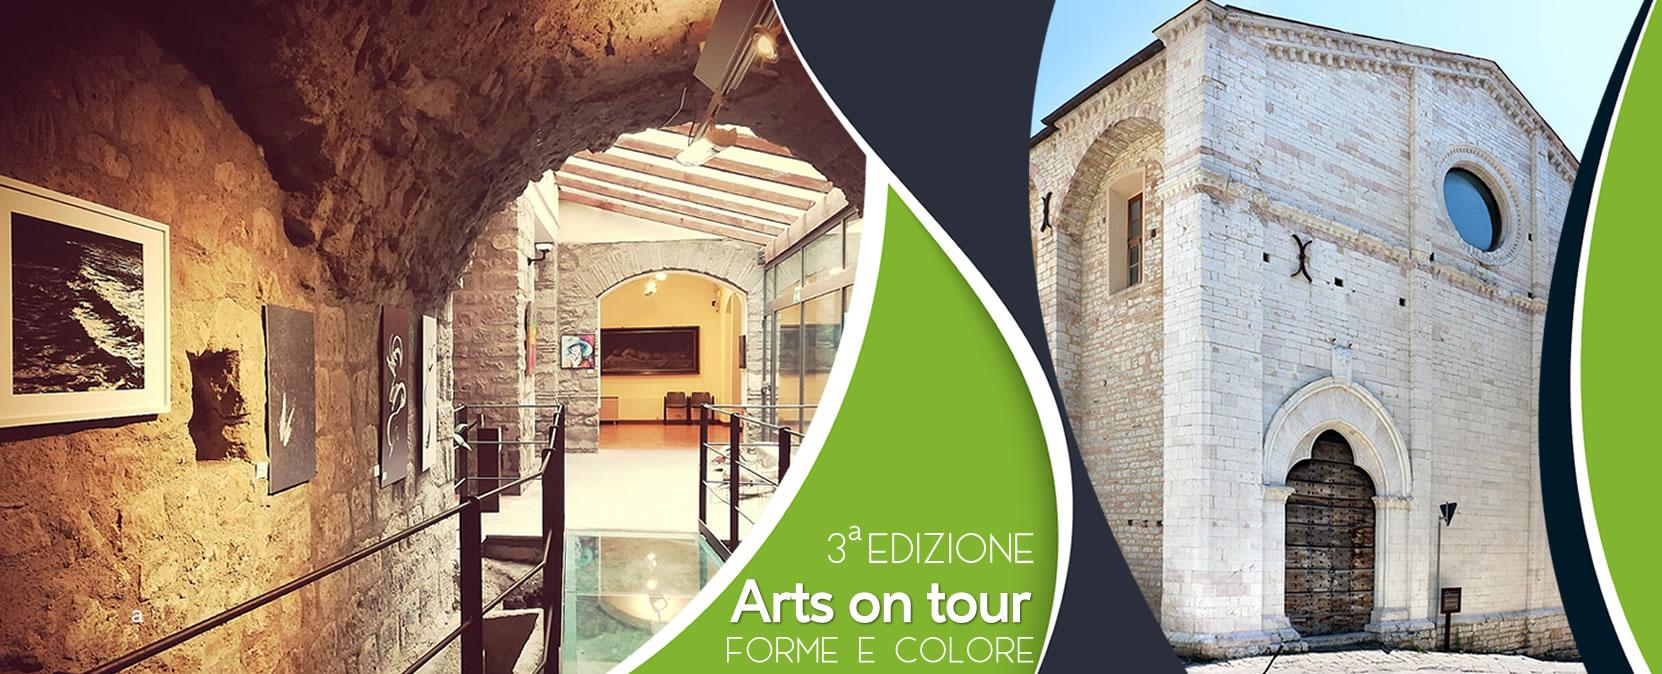 Arts on tour